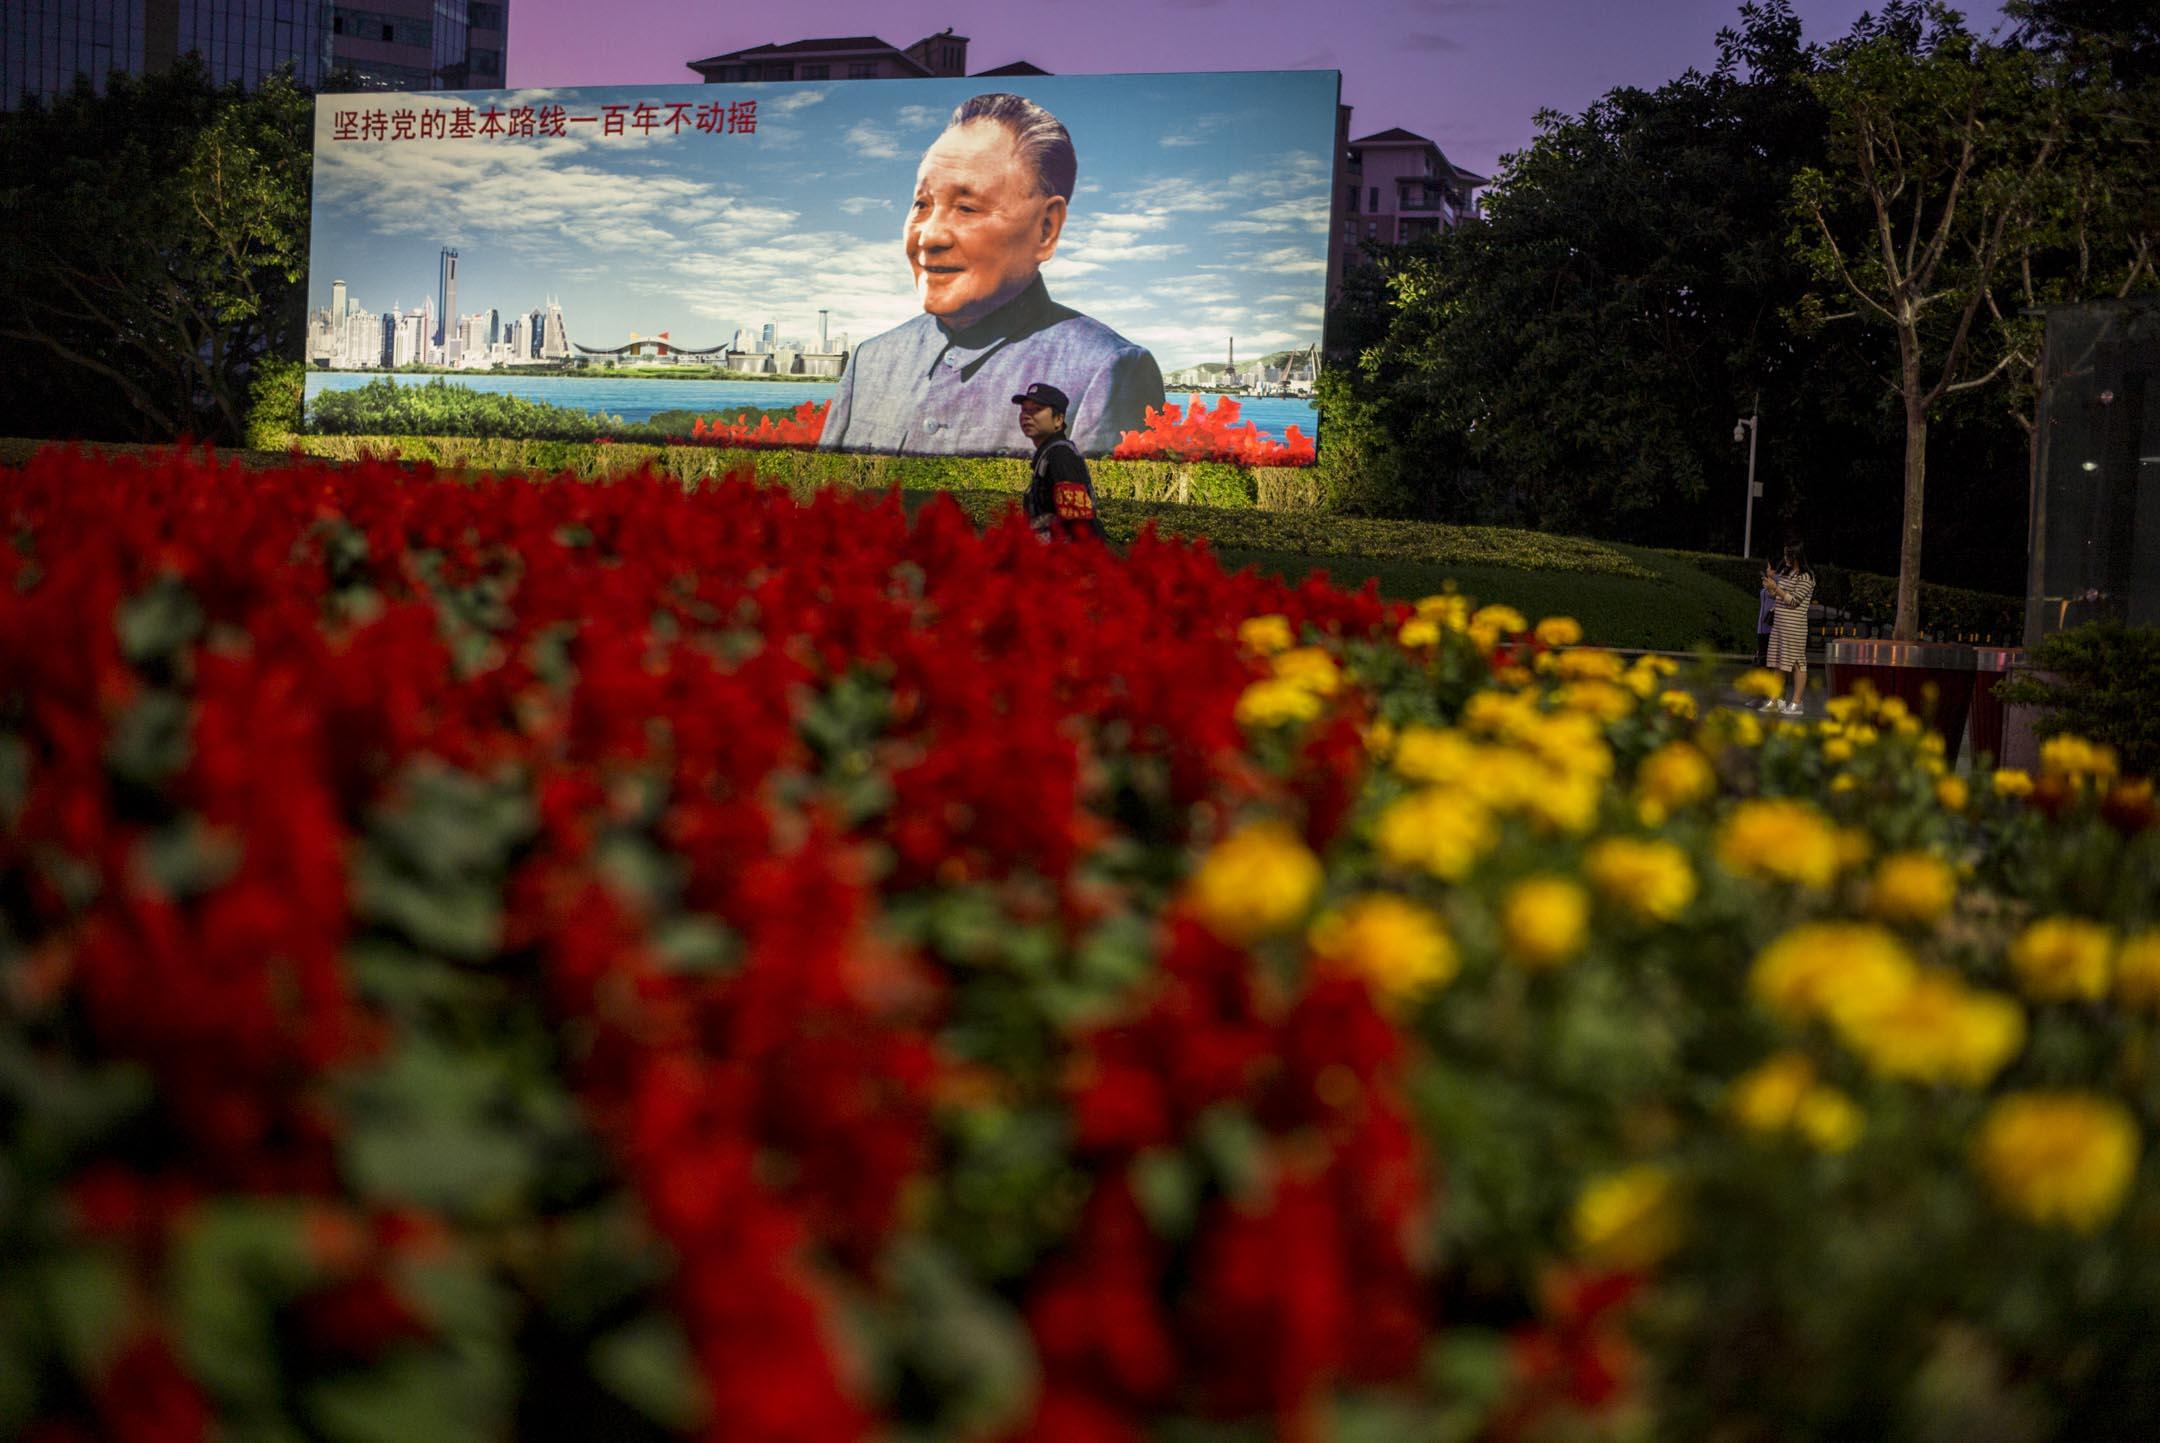 鄧小平巨型畫像位於深圳荔枝公園東南口廣場,始建於1992年6月28日,畫像迄今為止更換了4個版本,是見證深圳改革開放40年發展歷程的重要地標。 攝:林振東/端傳媒